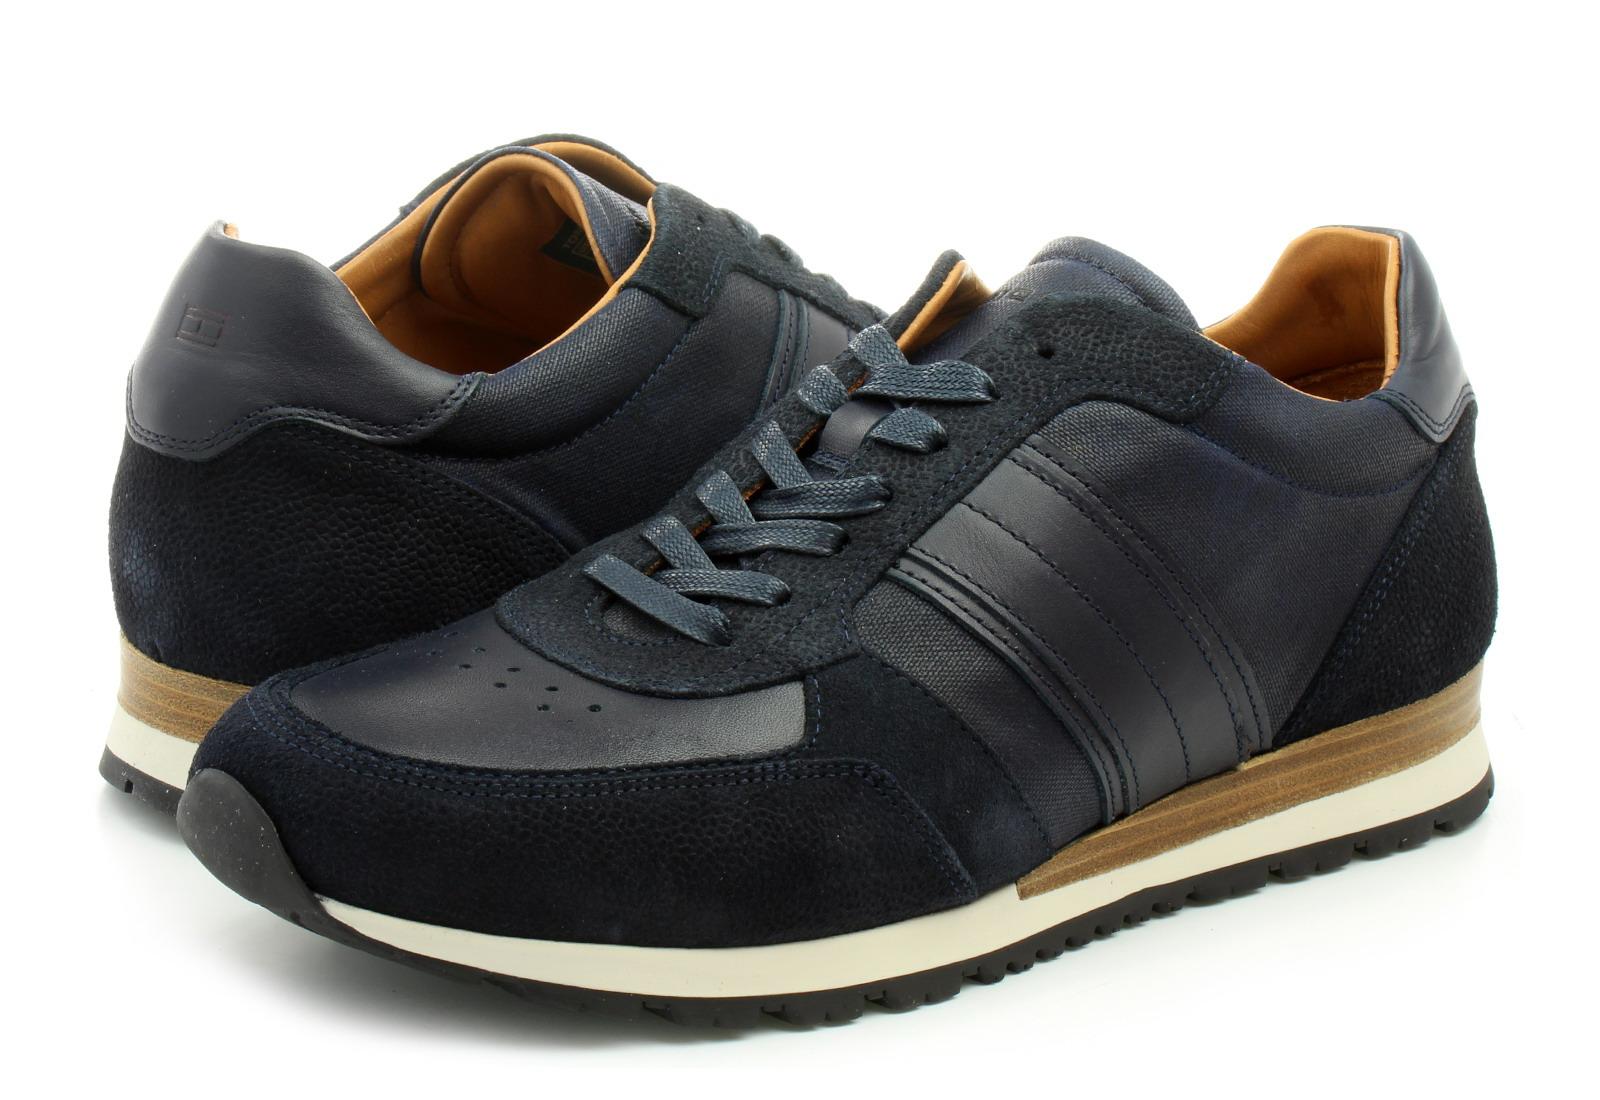 0e6dcd66f0 Tommy Hilfiger Cipő - Juuso 1c2 - 18F-1708-403 - Office Shoes ...